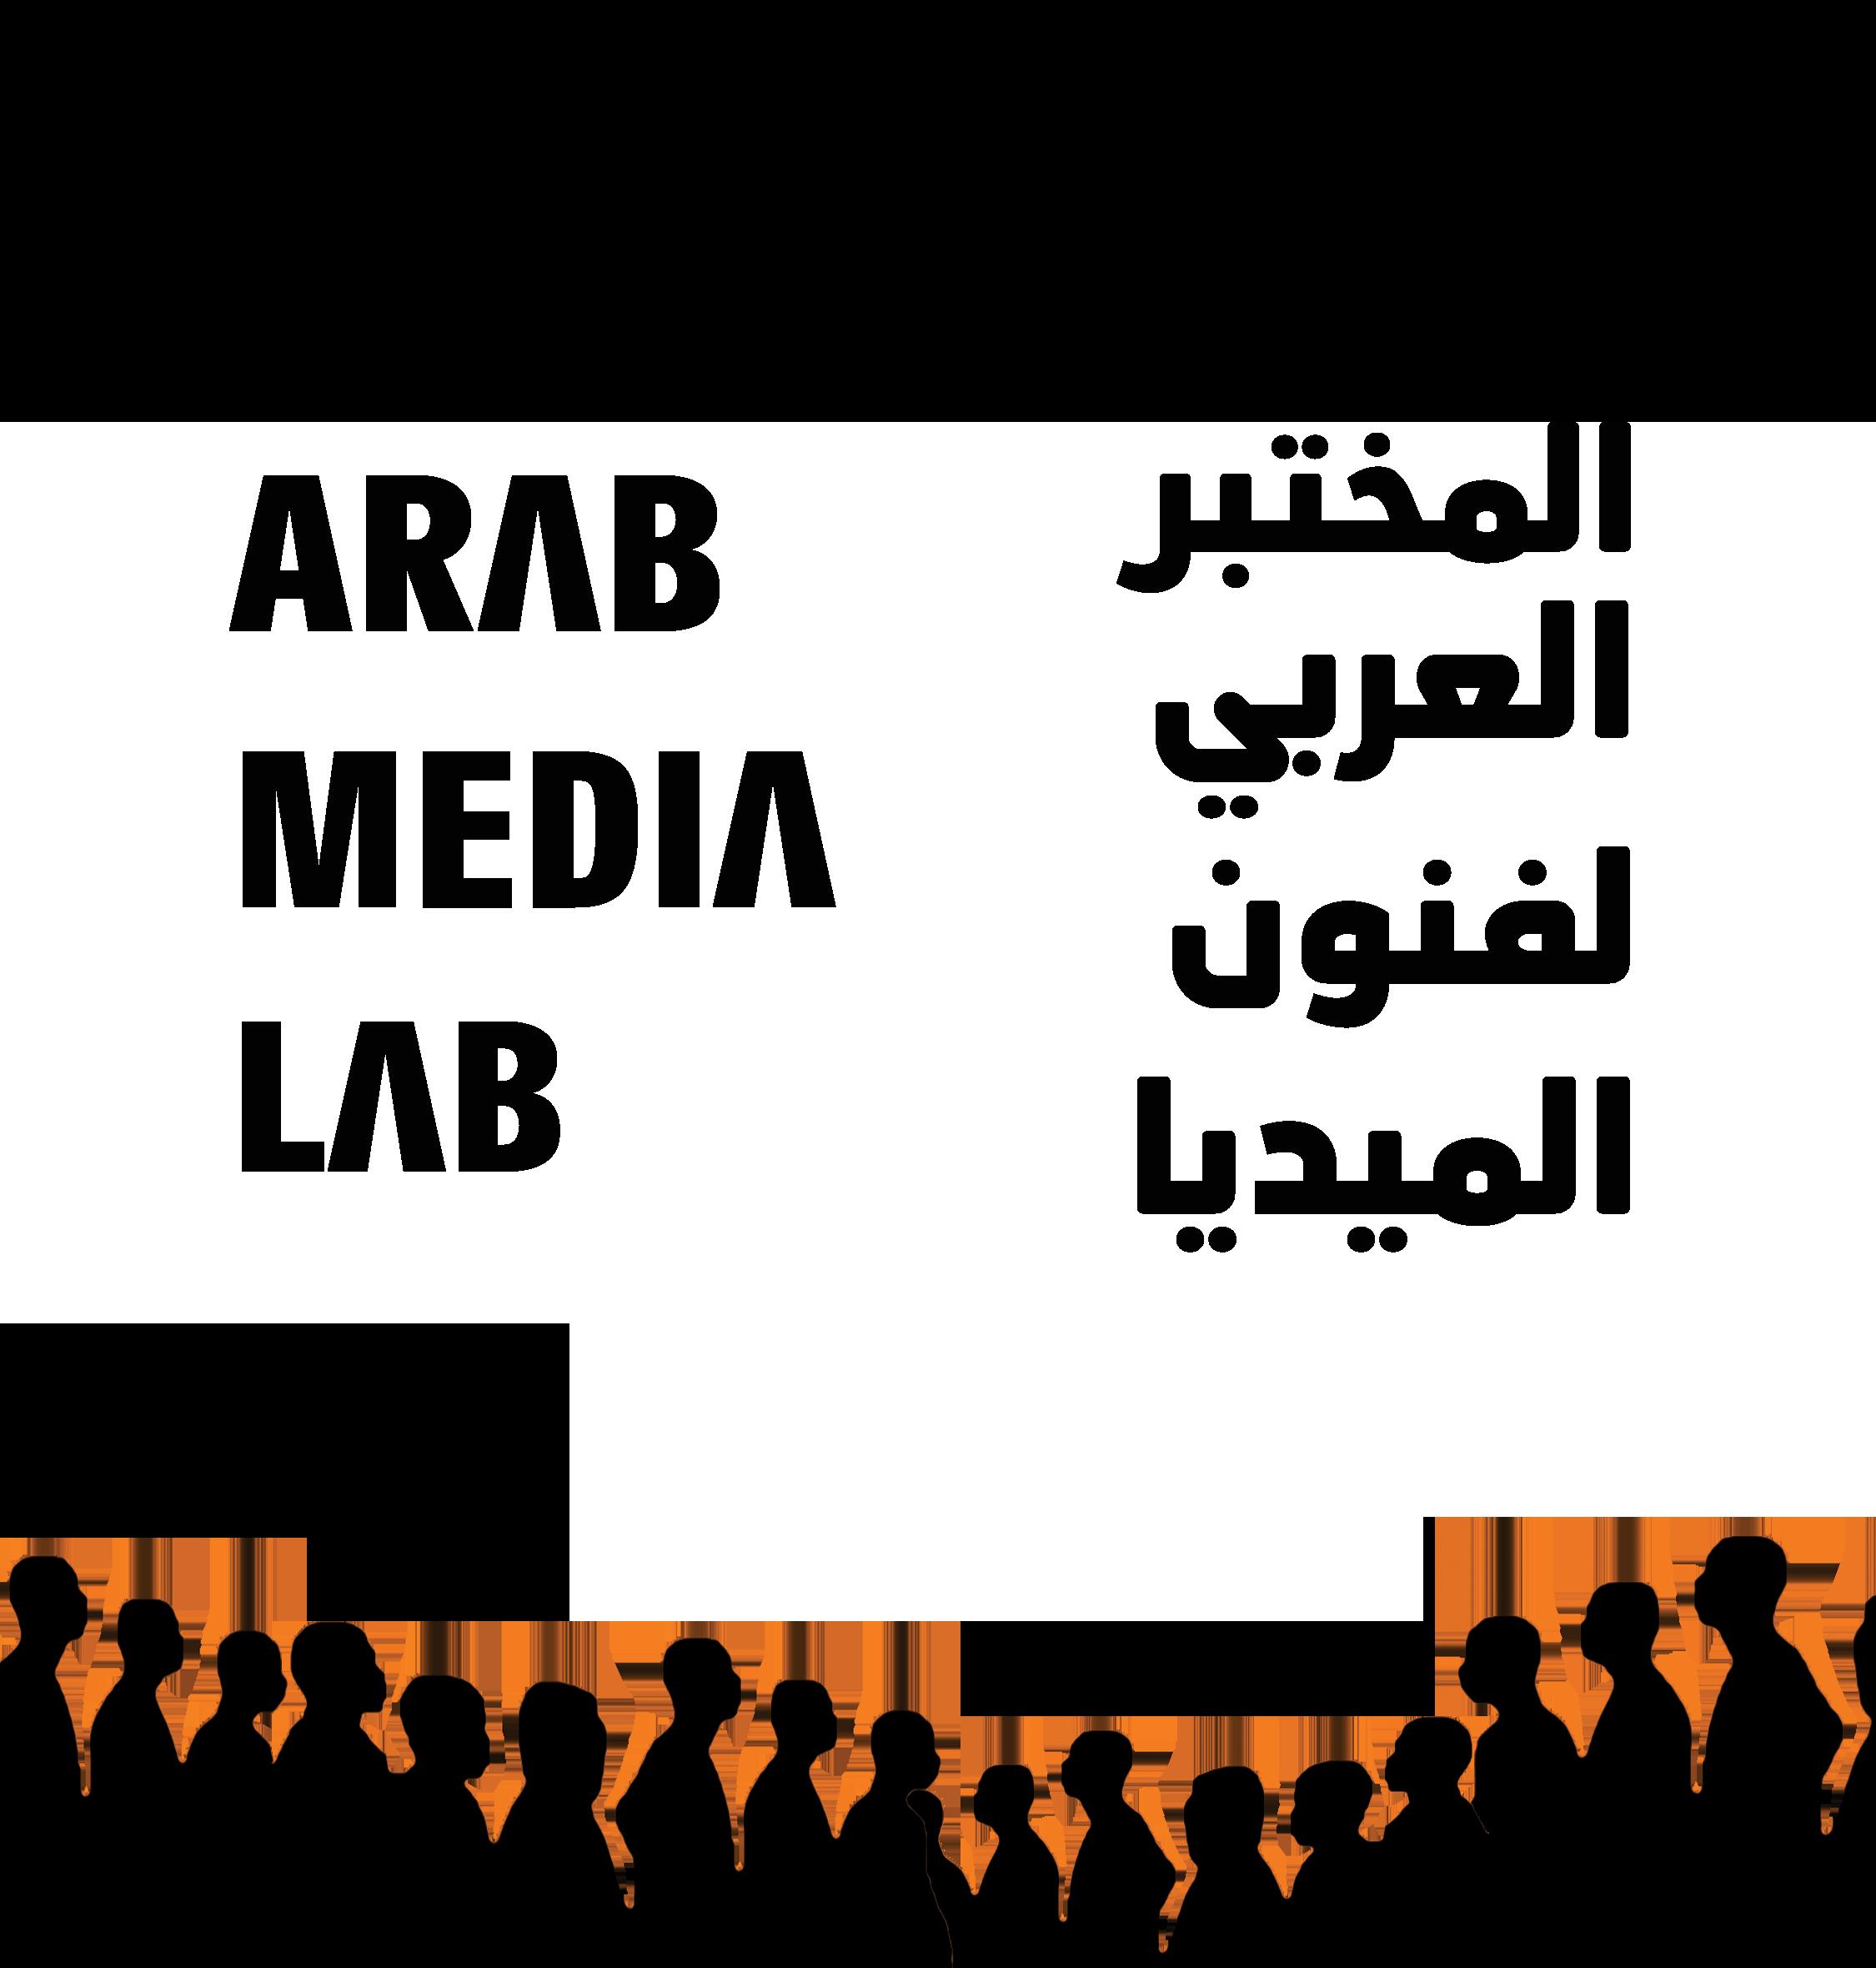 Arab Media Lab // المختبر العربي لفنون الميديا – An Arab